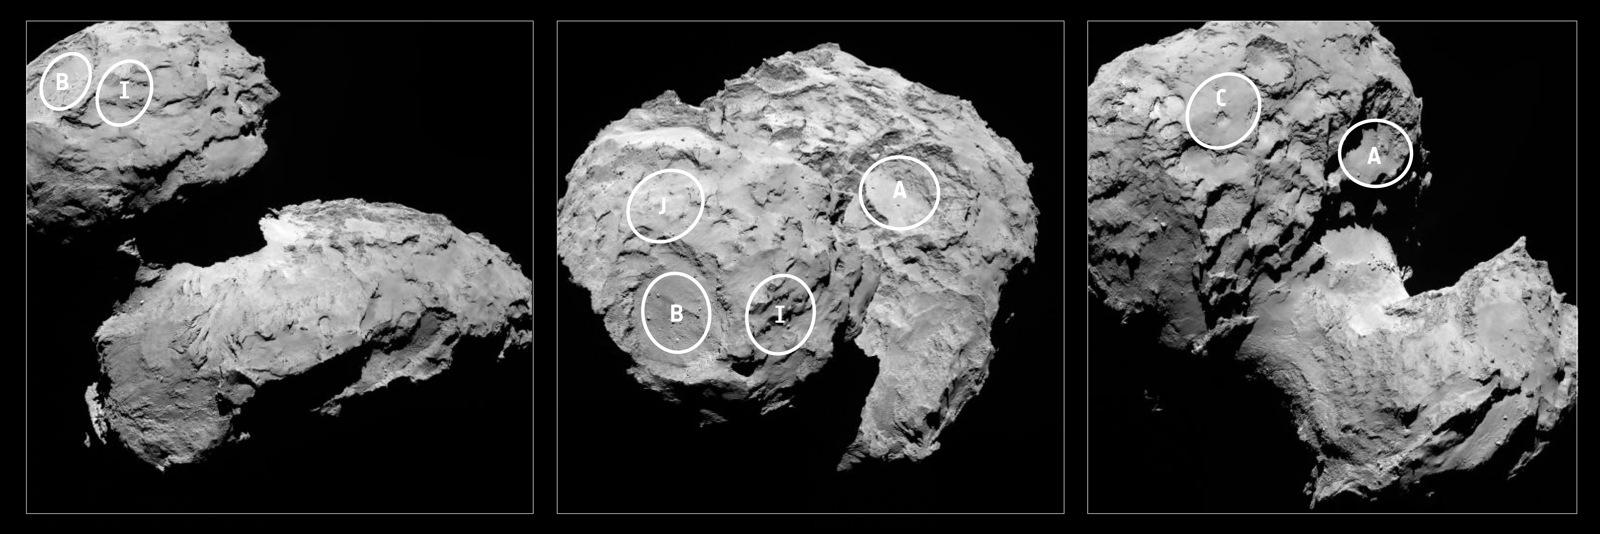 مقامات رسمیآژانس فضایی اروپا پس از بررسی تصاویر دقیق گرفته شده توسط روزتا از دنبالهدار از تاریخ 6 آگوست تاکنون، پنج نقطه را بهعنوان کاندیدای فرود کاوشگر فیلای انتخاب کرده اند.